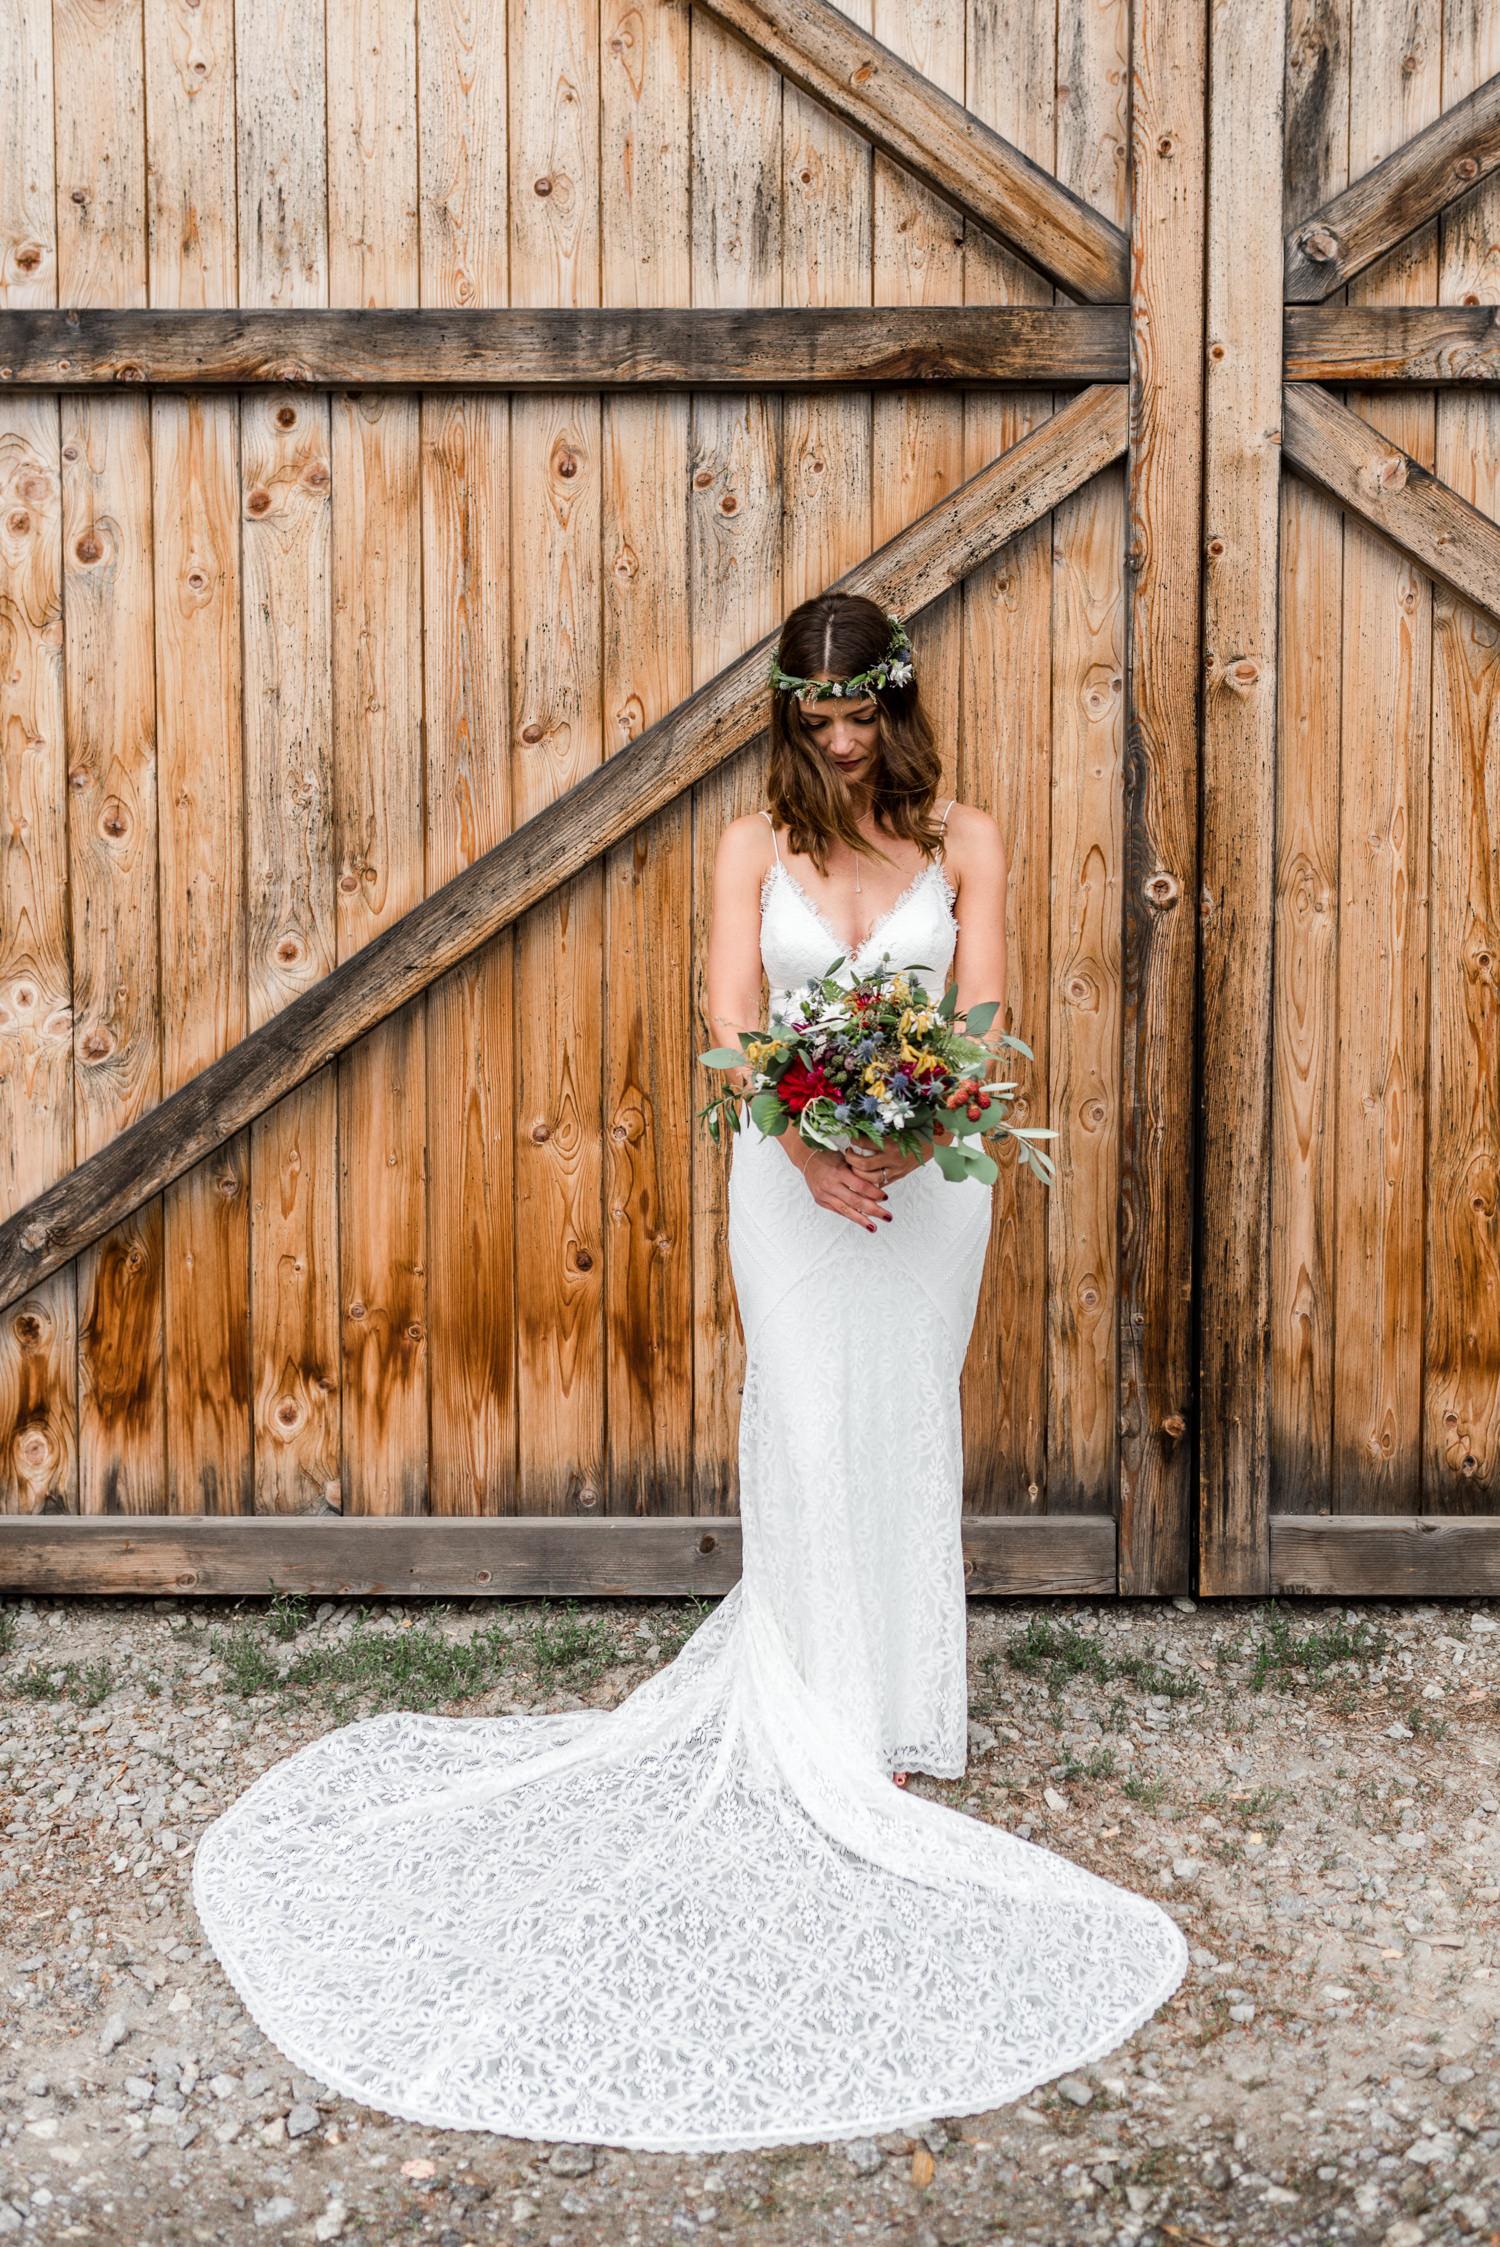 Die Braut mit einem traumhaften Boho Weddingdress fotografiert von Veronika Anna Fotografie am Grandsberger Hof